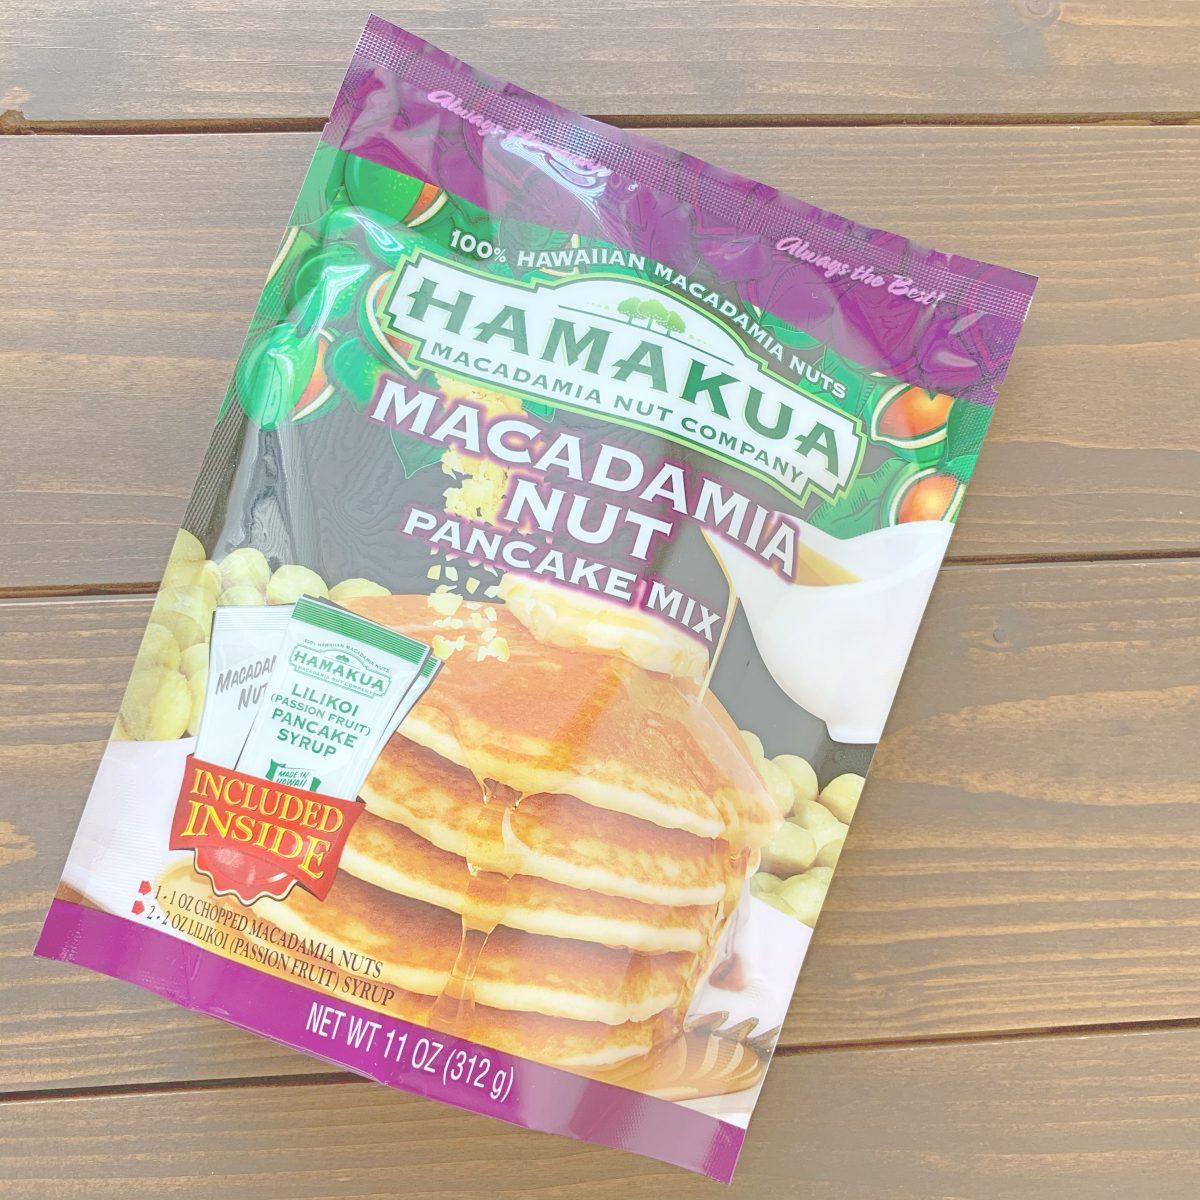 ハマクアマカダミアナッツのマカダミアパンケーキミックス(リリコイ)